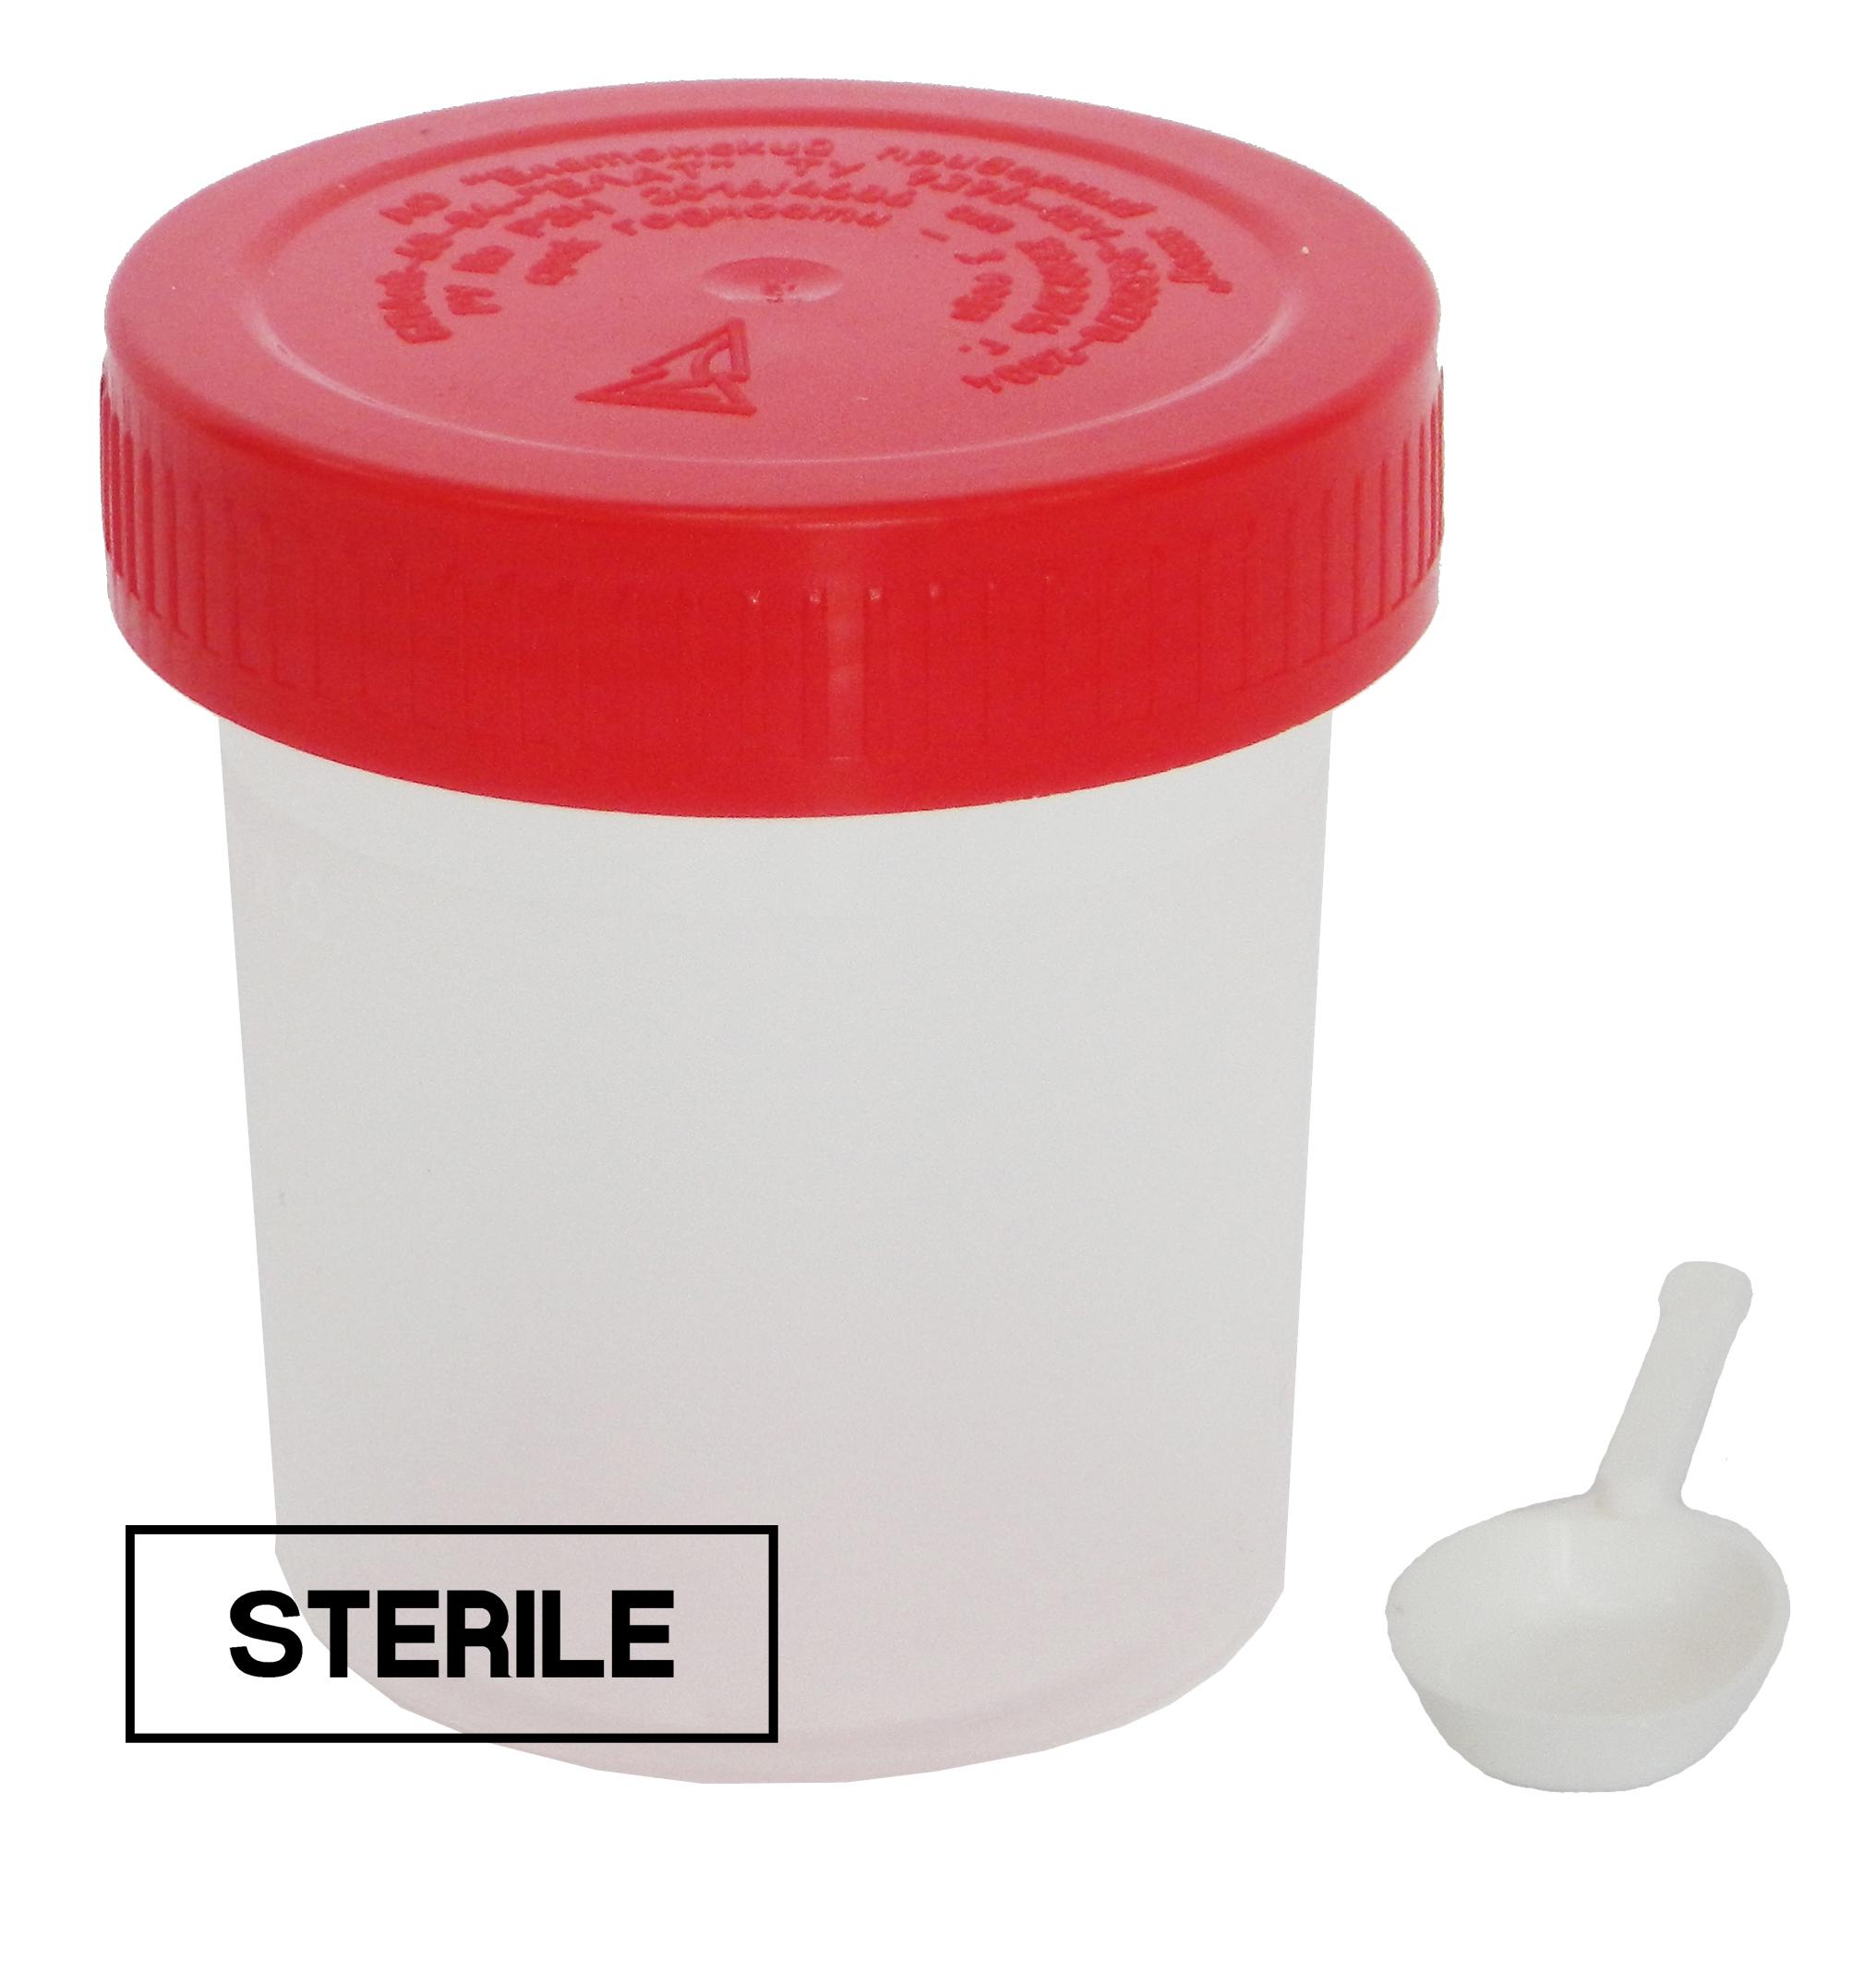 Купить Контейнер для биоматериала Еламед стерильный с лопаткой 60 мл